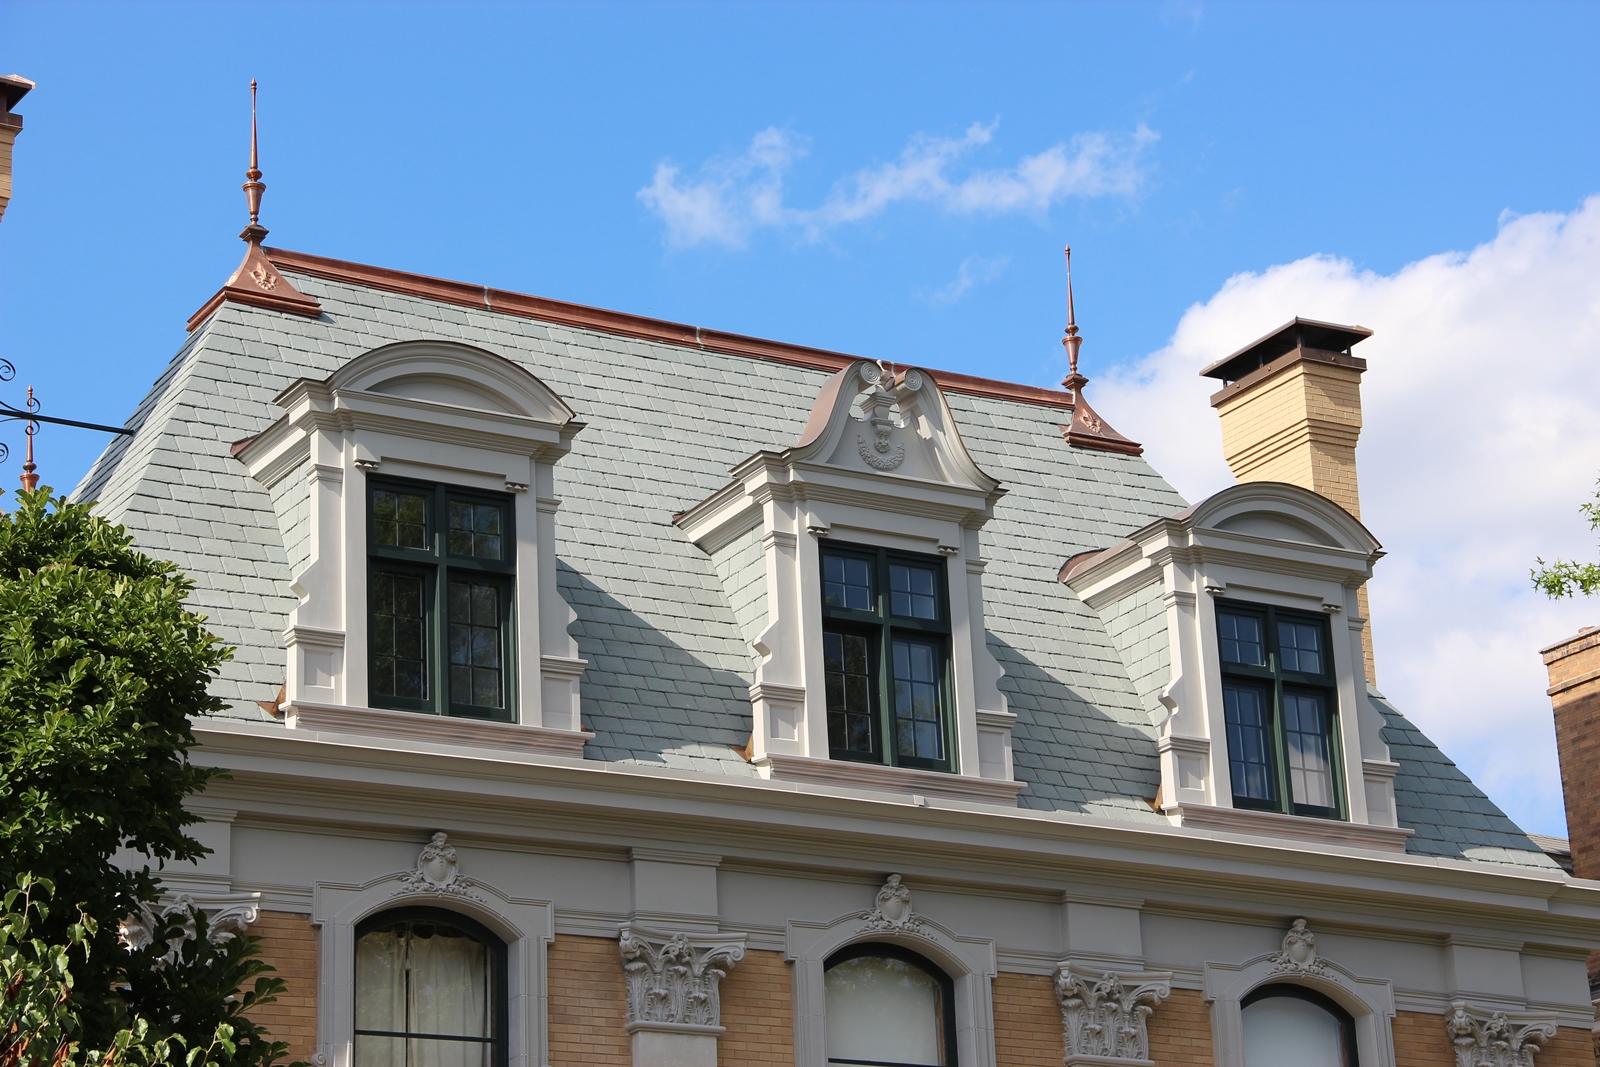 Washington Place roof Restoration